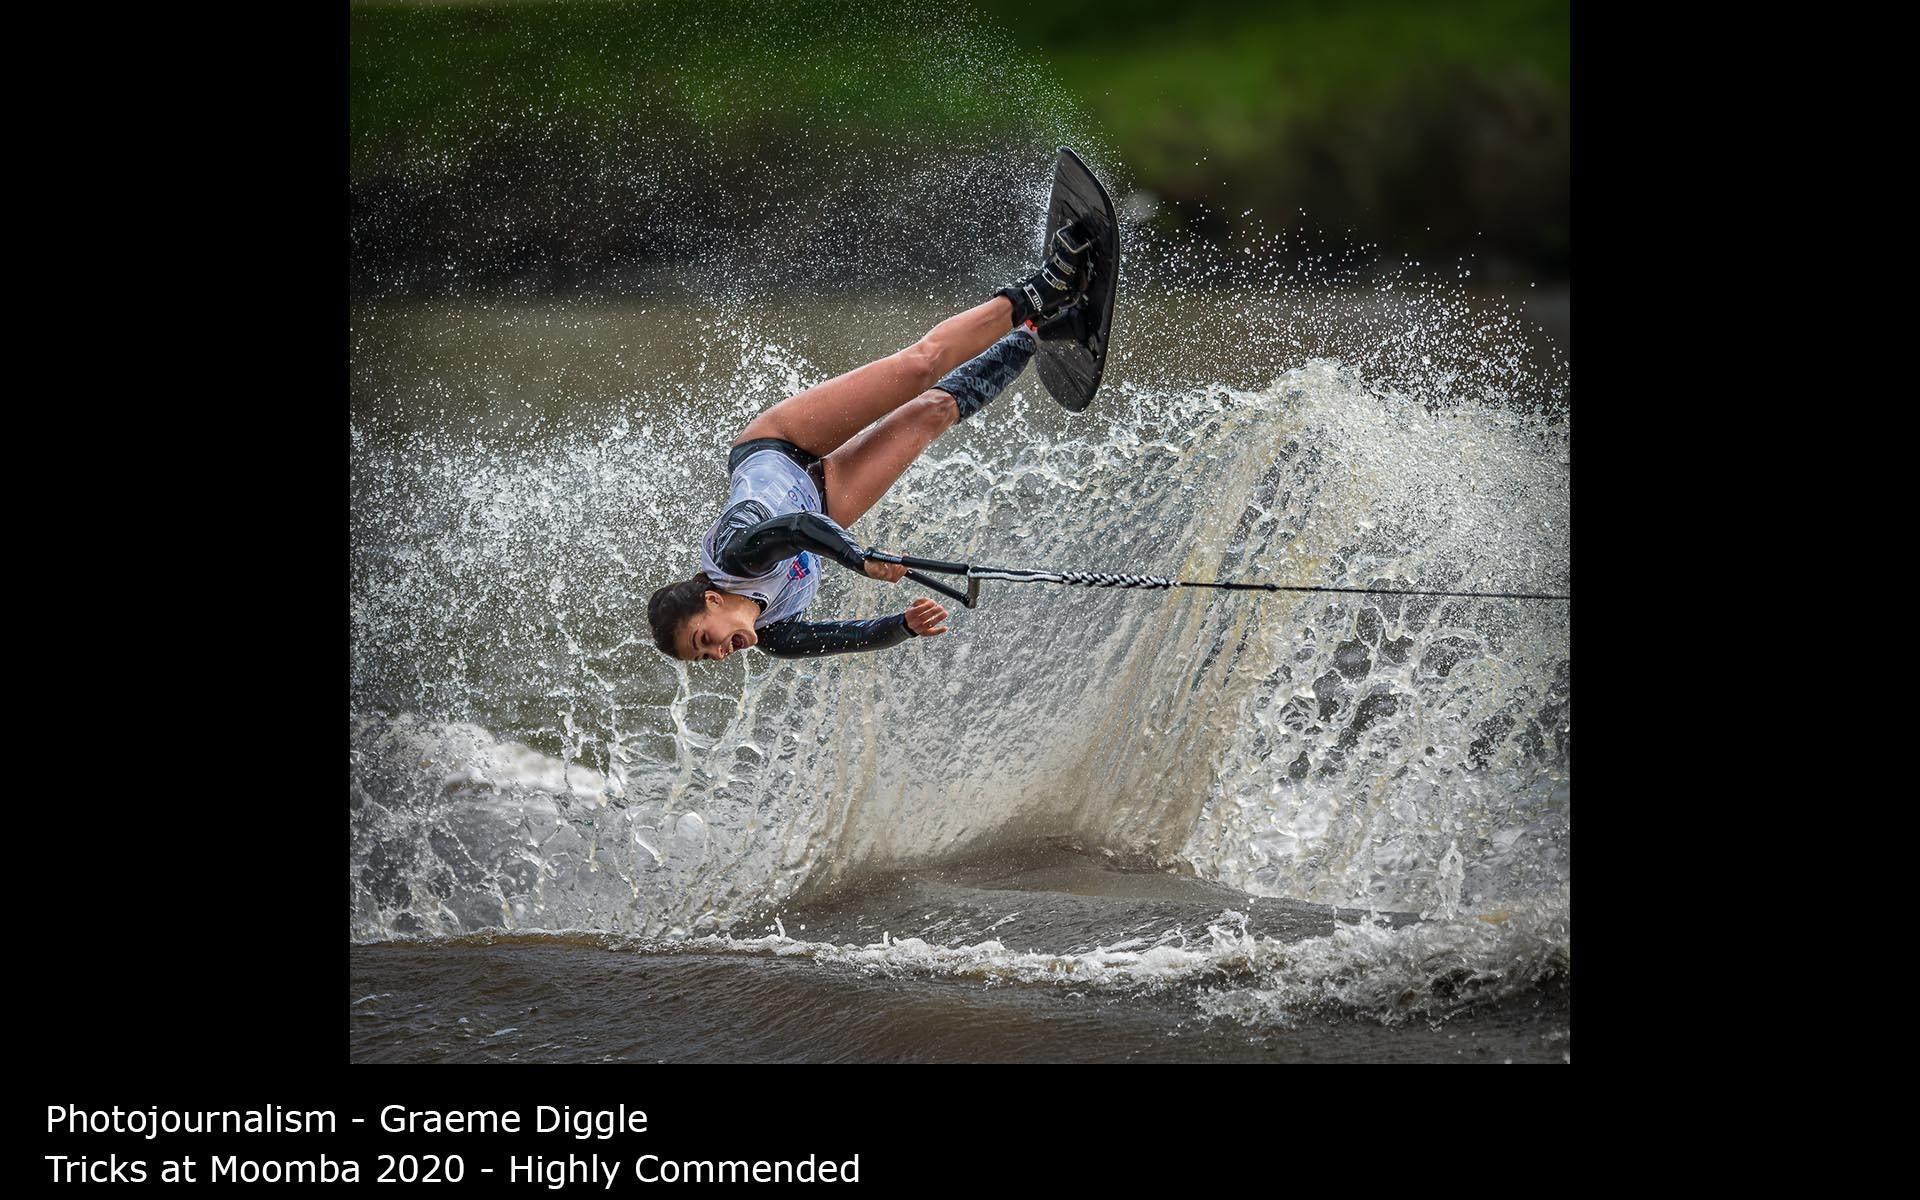 Tricks at Moomba 2020 - Graeme Diggle